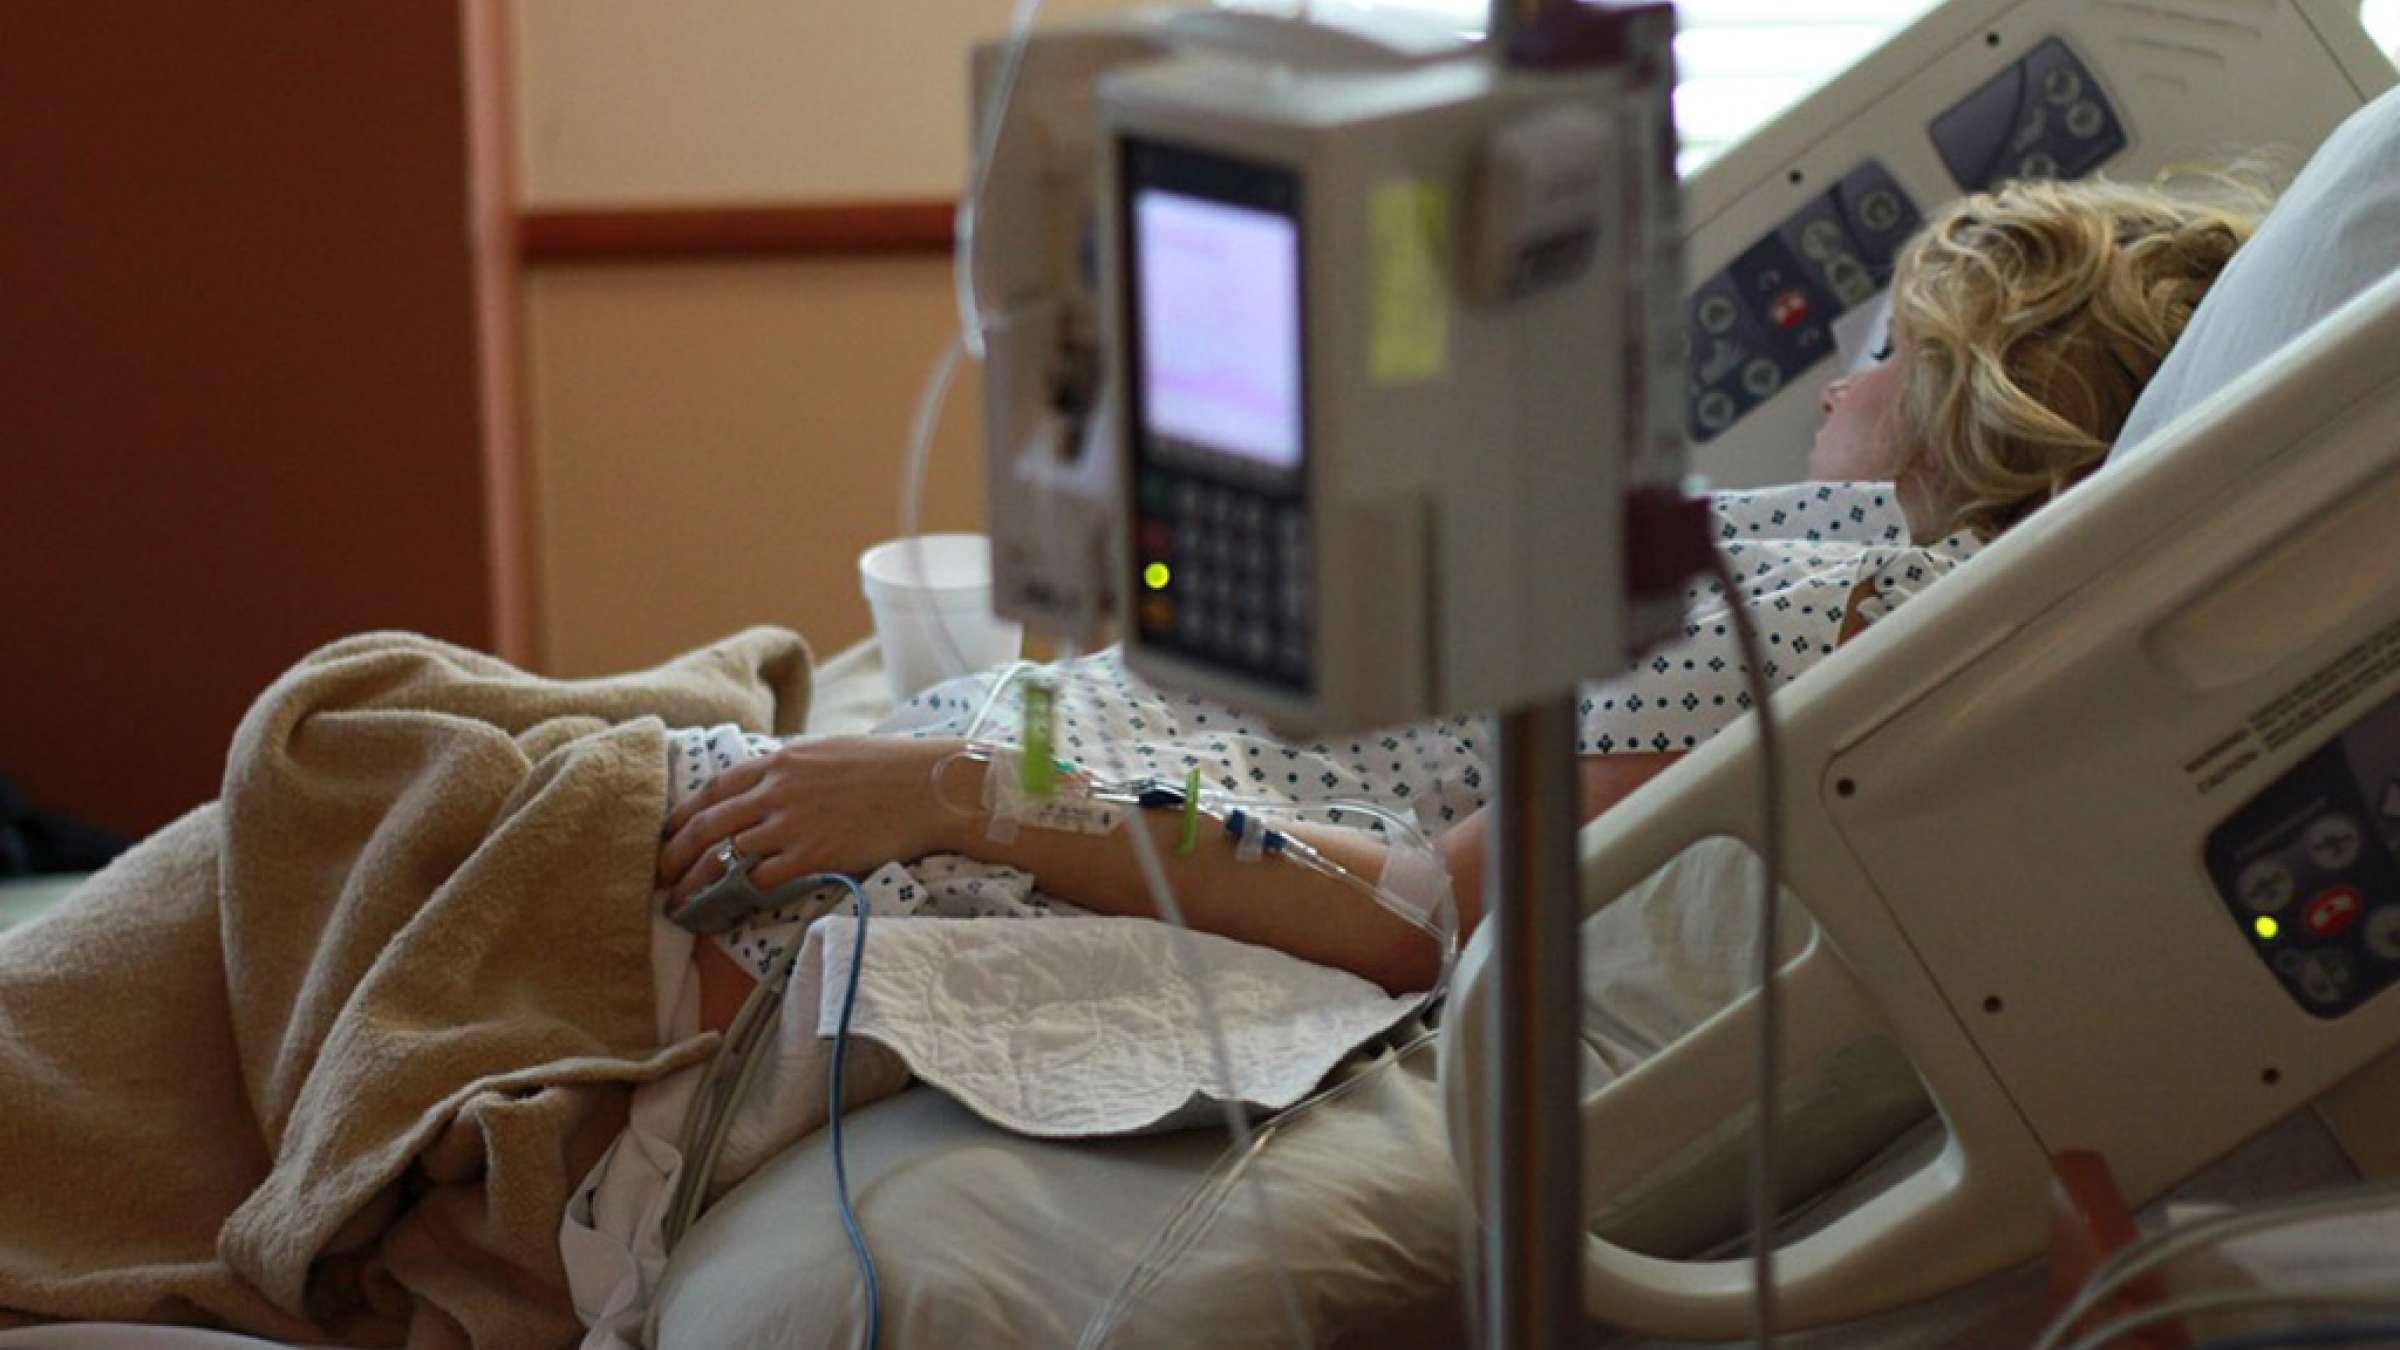 بیمه-رحیمیان-خانواده-شما-در-روزهای-بیماریتان-چگونه-زندگی-خواهند-کرد